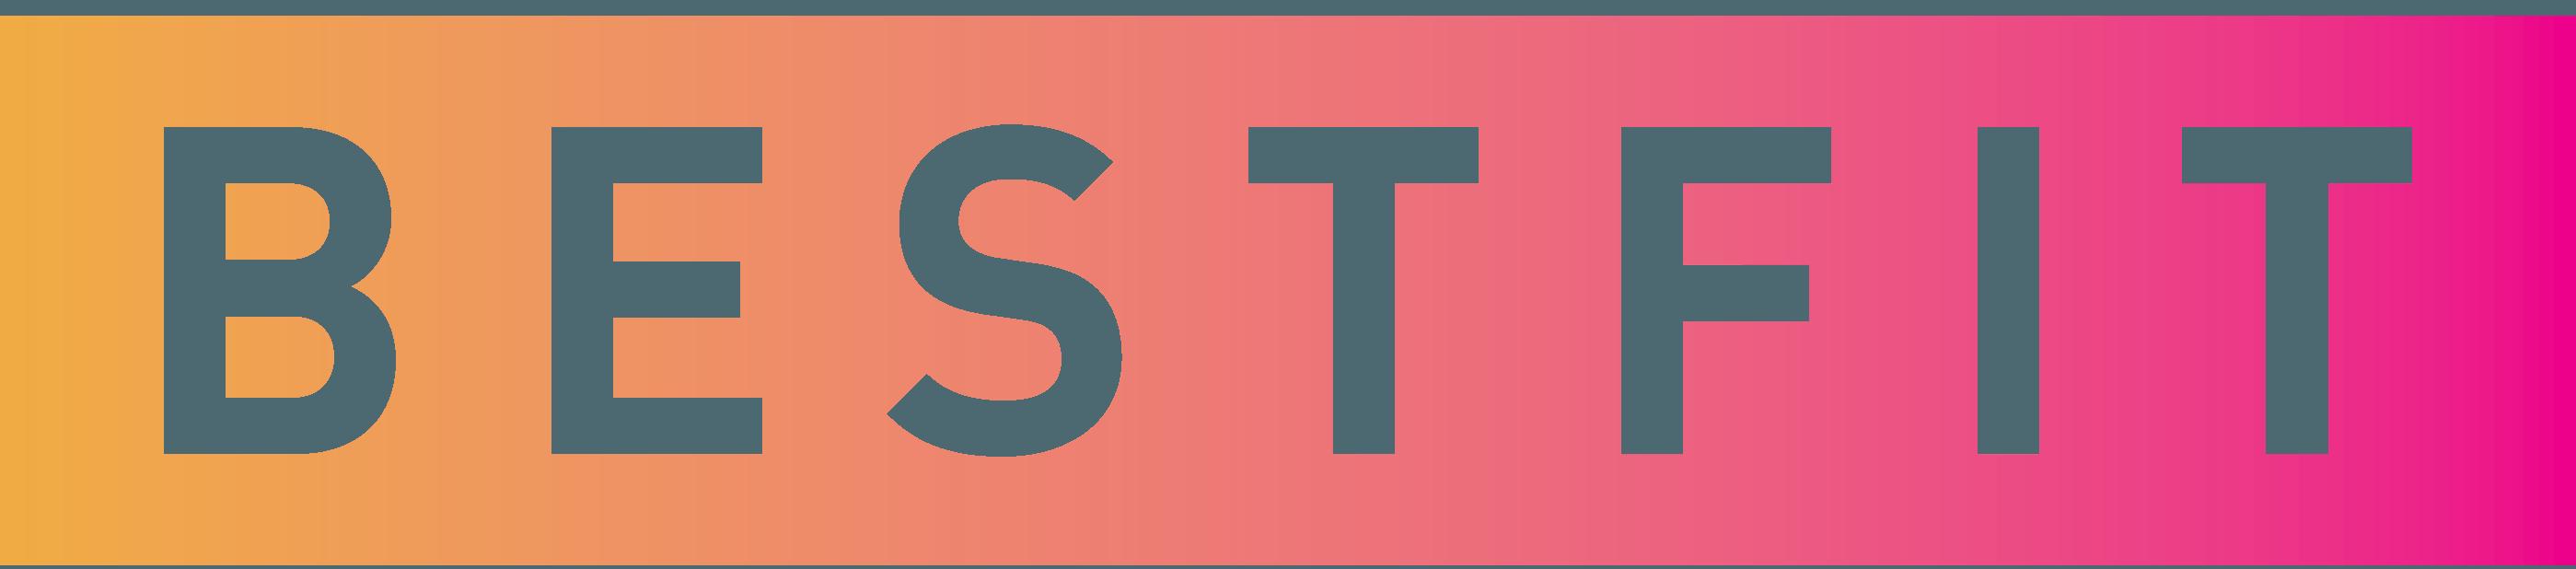 BESTFIT UK